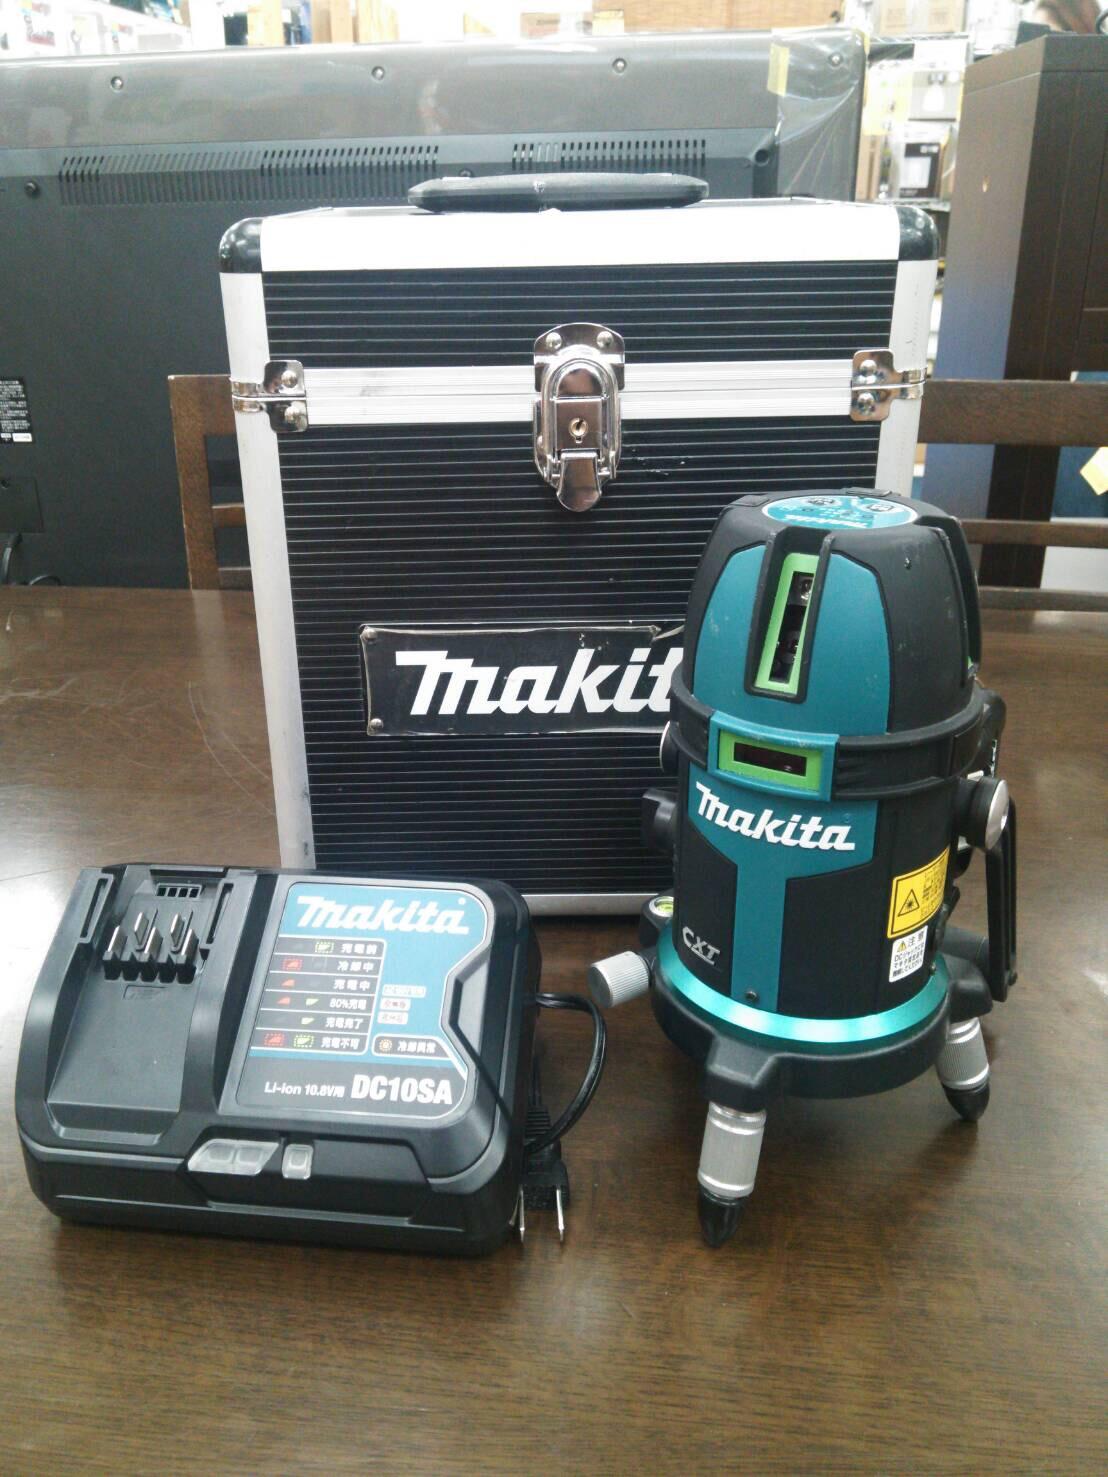 makita マキタ レーザー墨出し器 SK209GD★買取 福井県越前市 サンステッププラス越前店